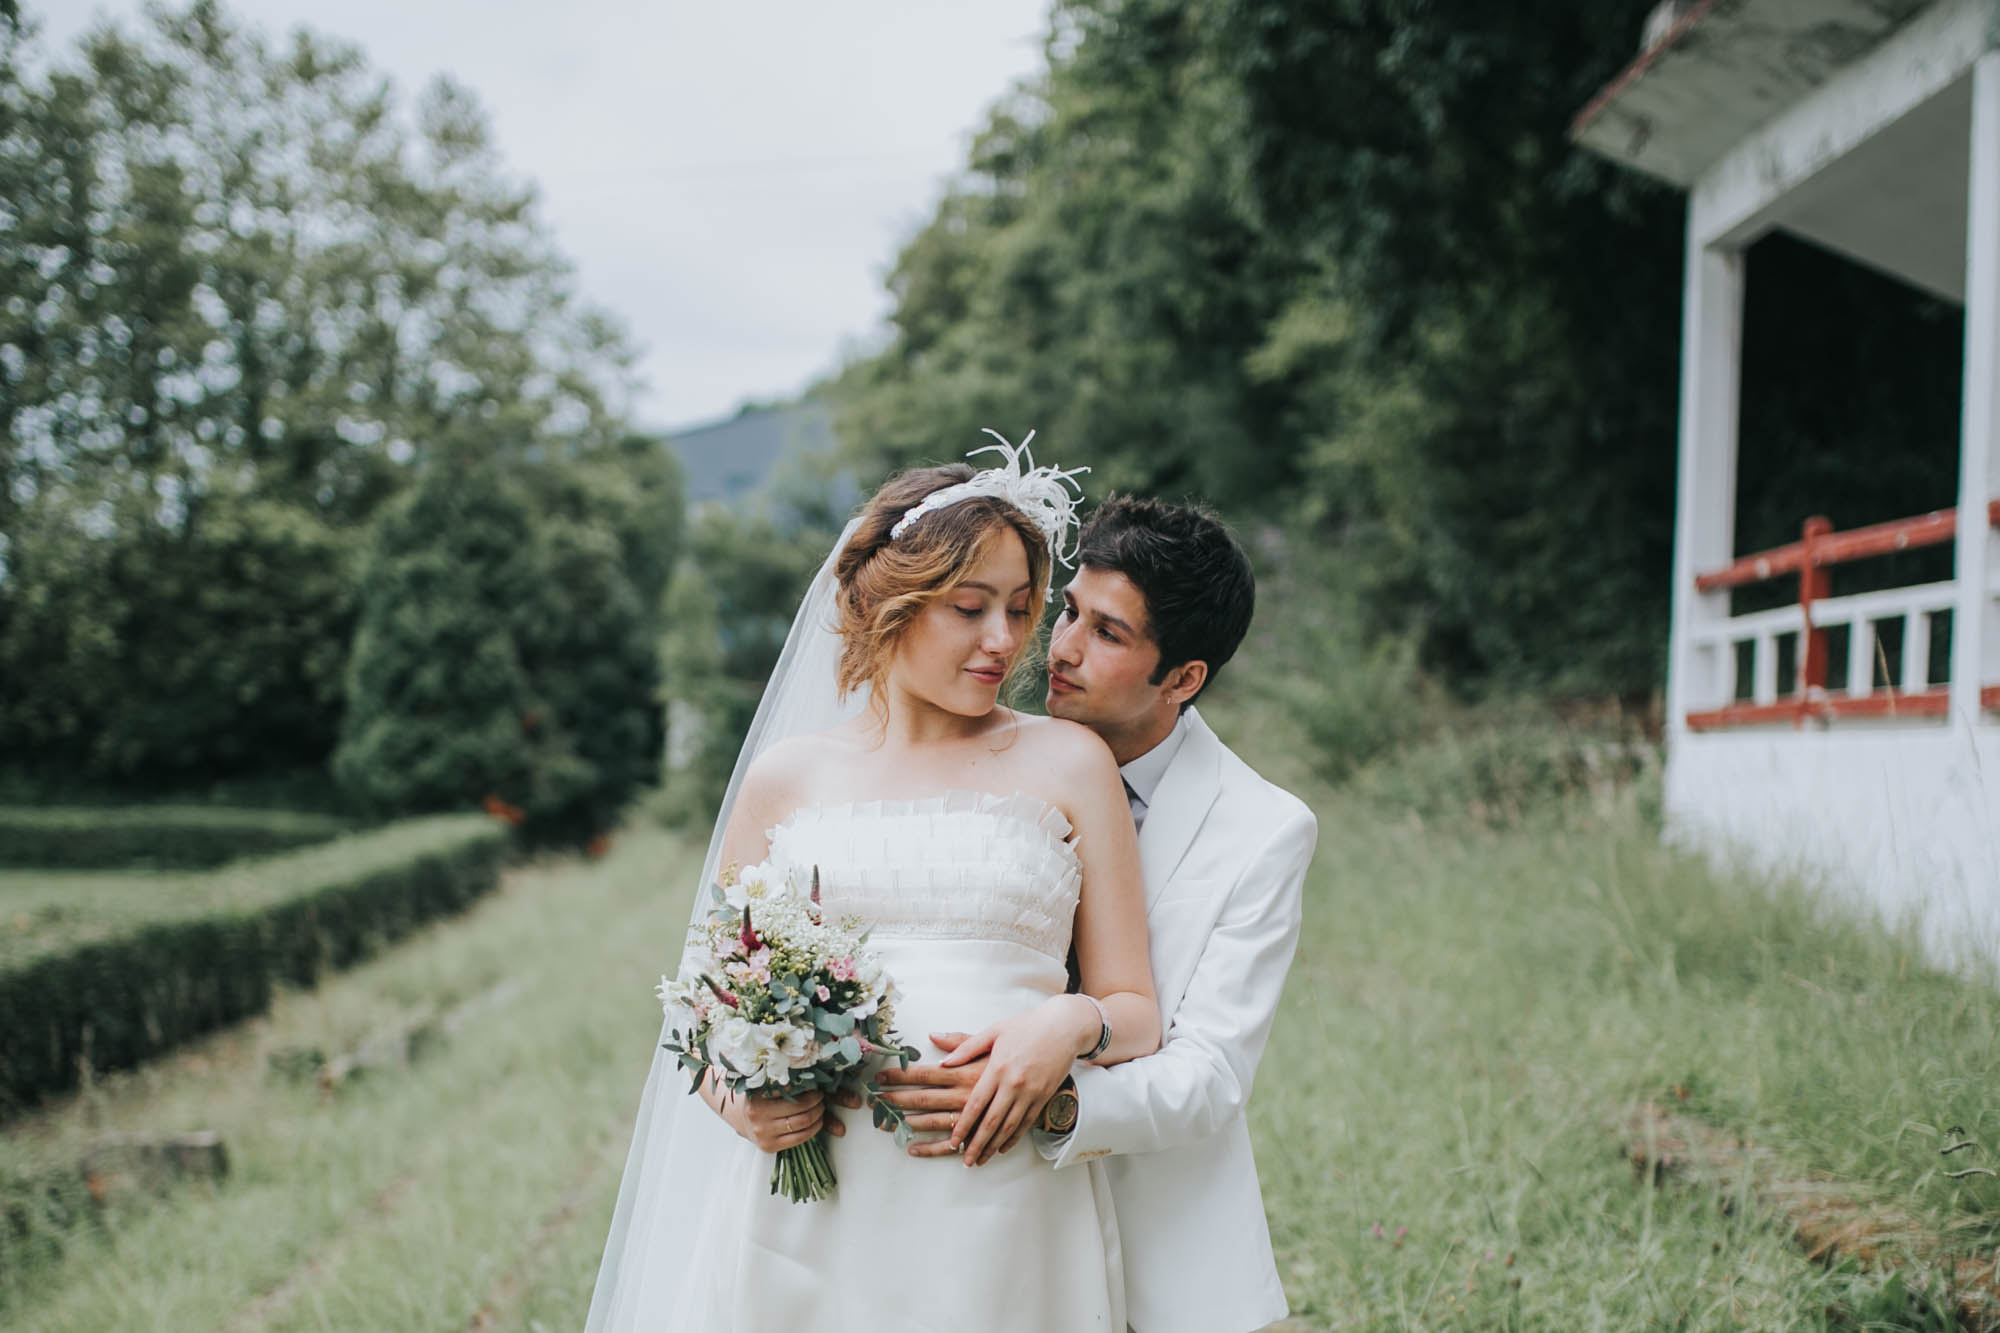 Reportaje de boda en Real Sociedad Hípica de San Sebastián